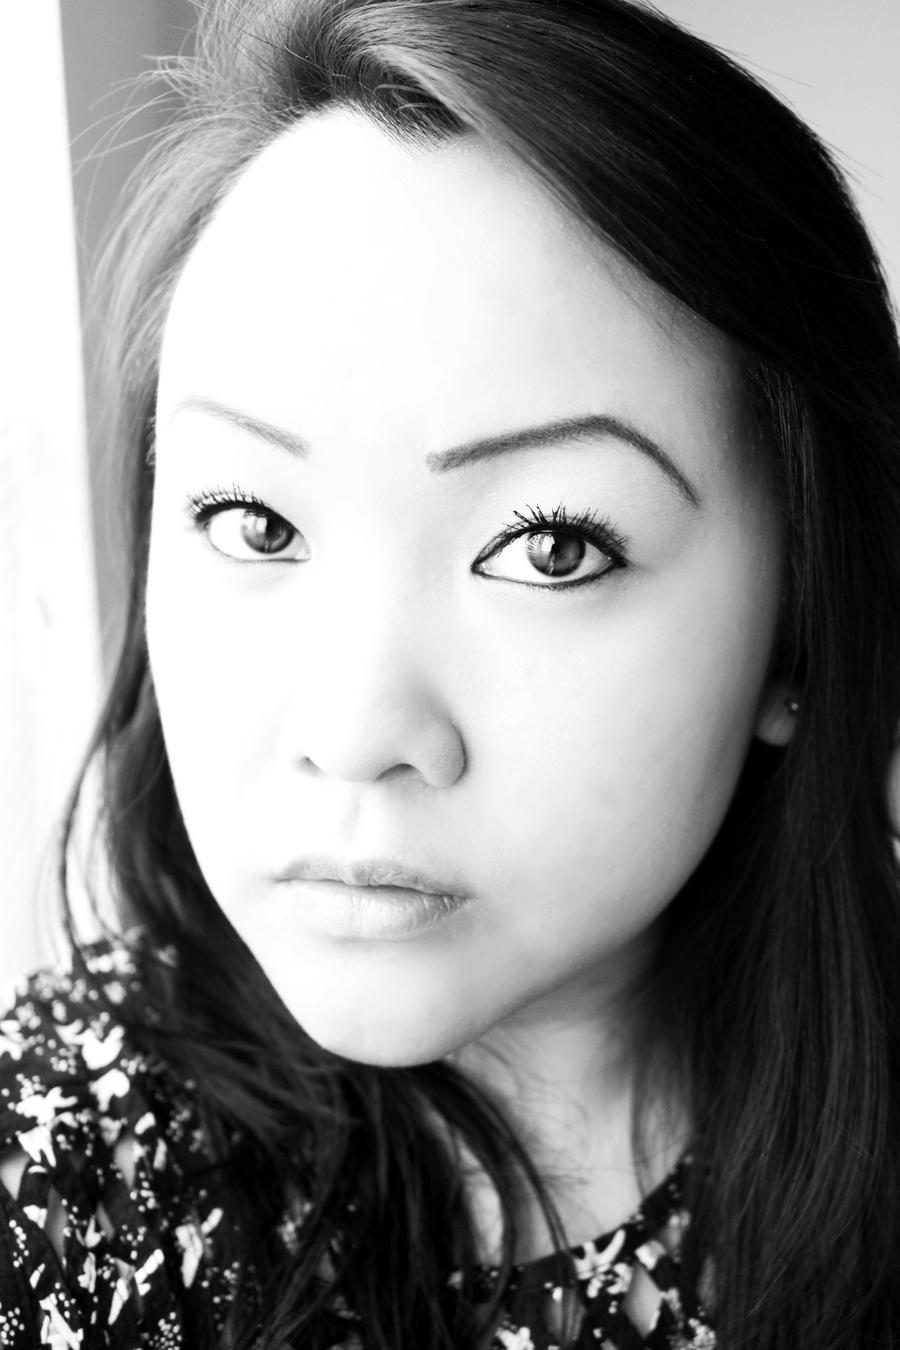 EugeniaCharmaine's Profile Picture